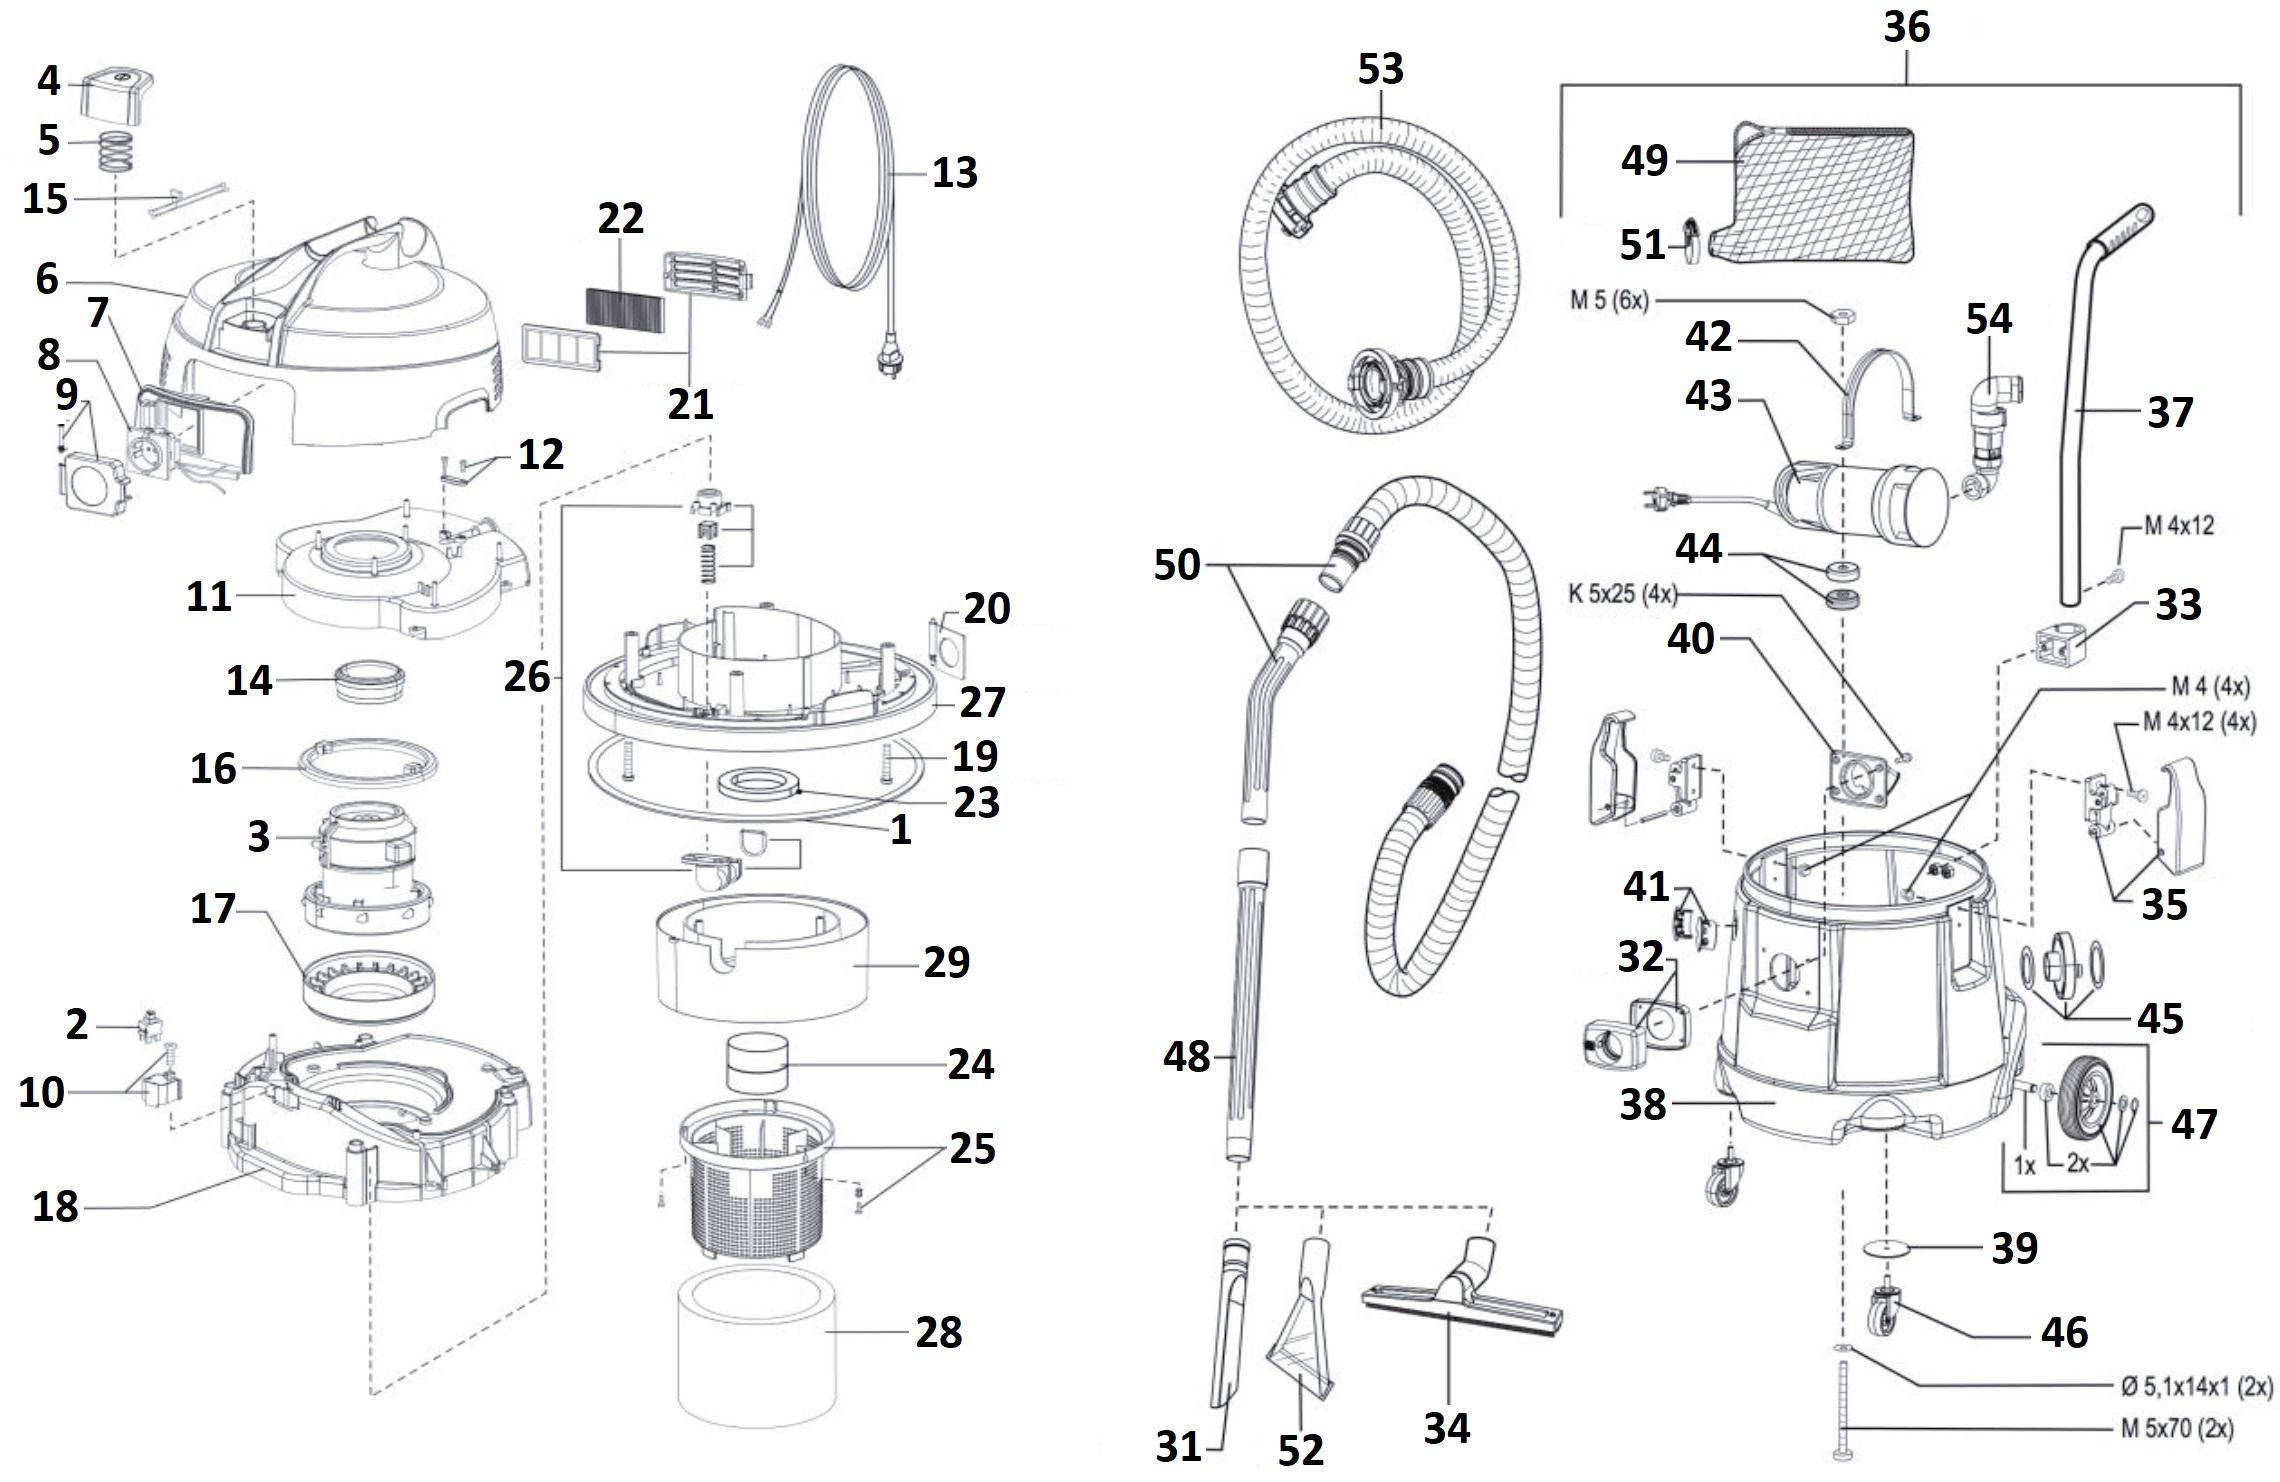 P50 waterstofzuiger